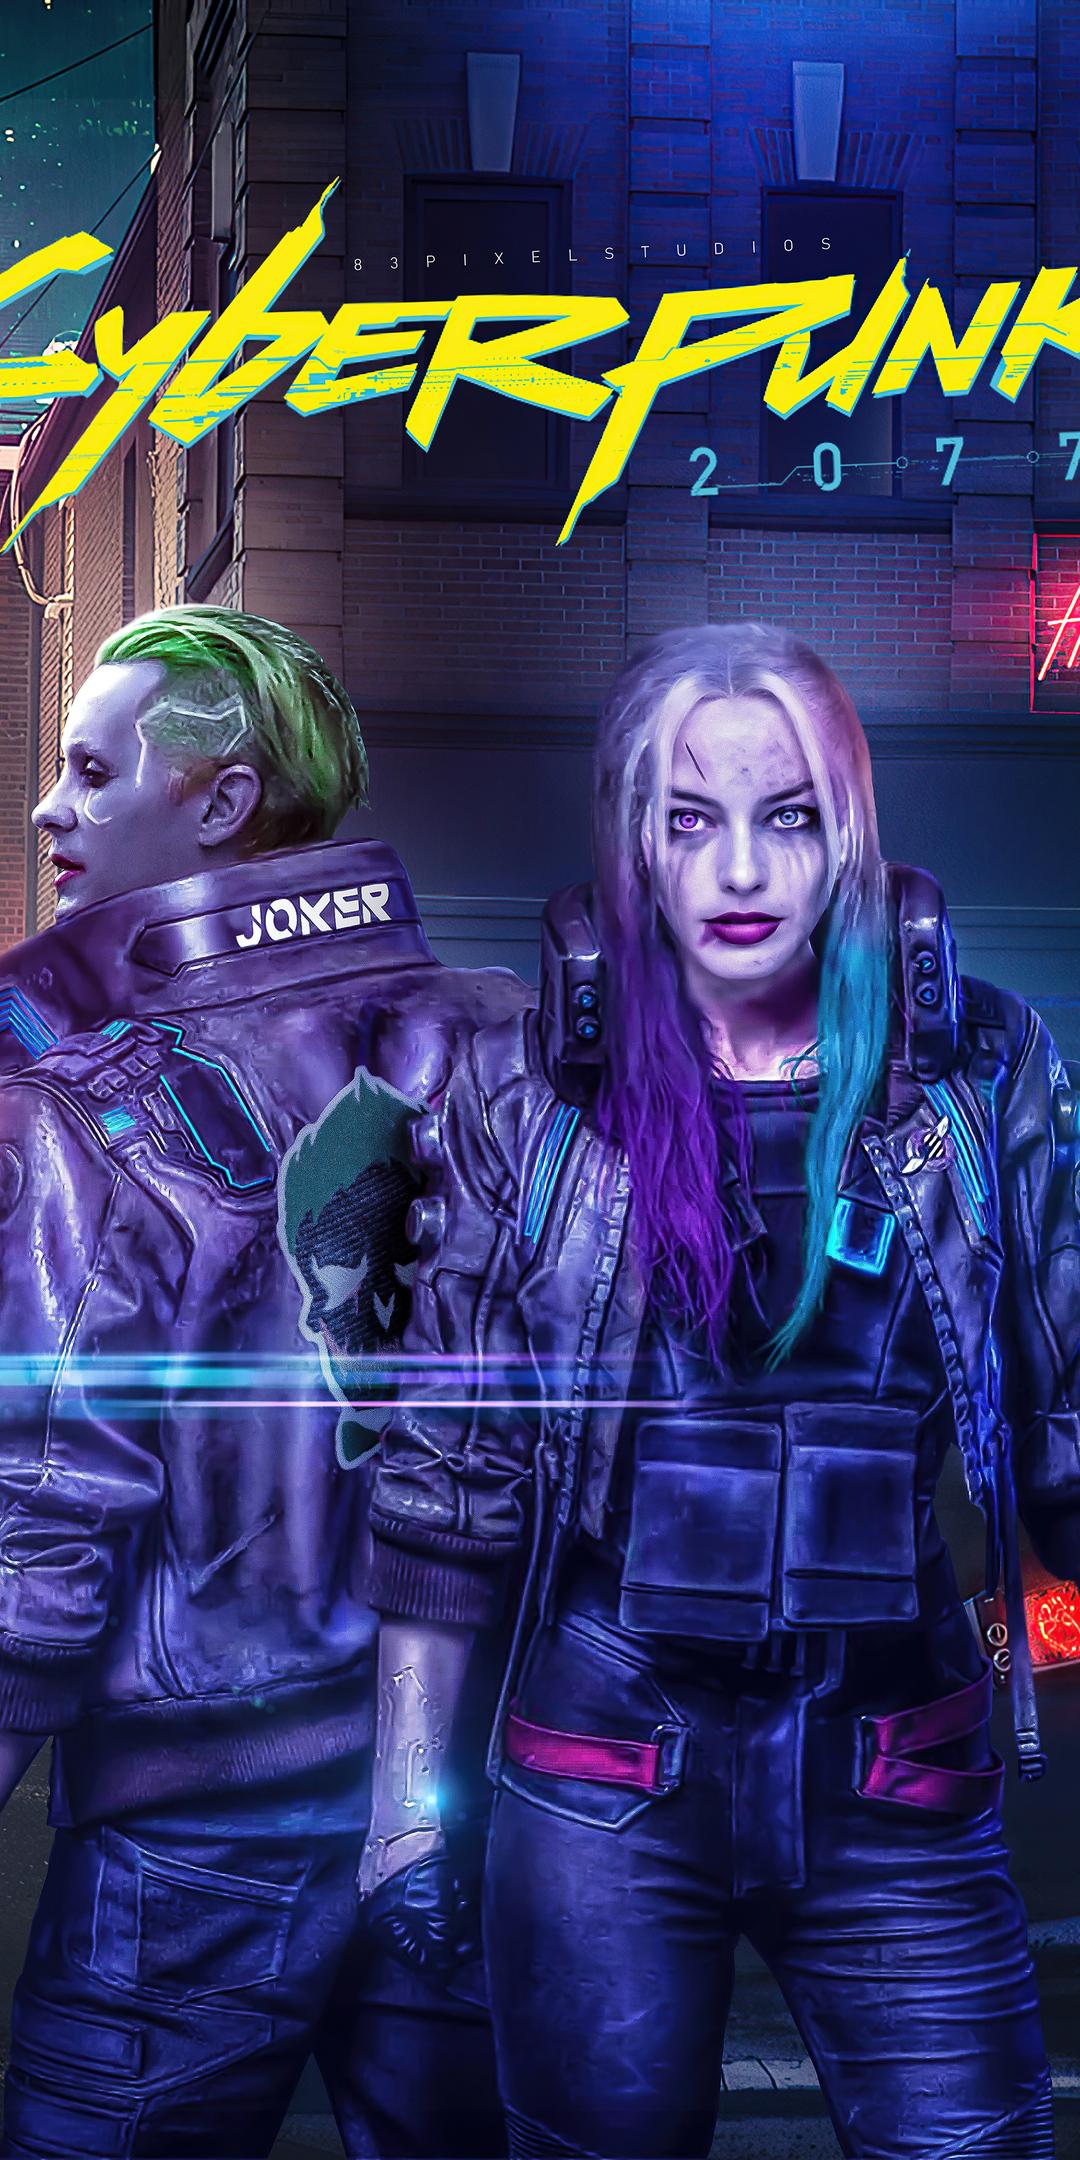 cyberpunk-2077-joker-x-harley-quinn-5k-mz.jpg